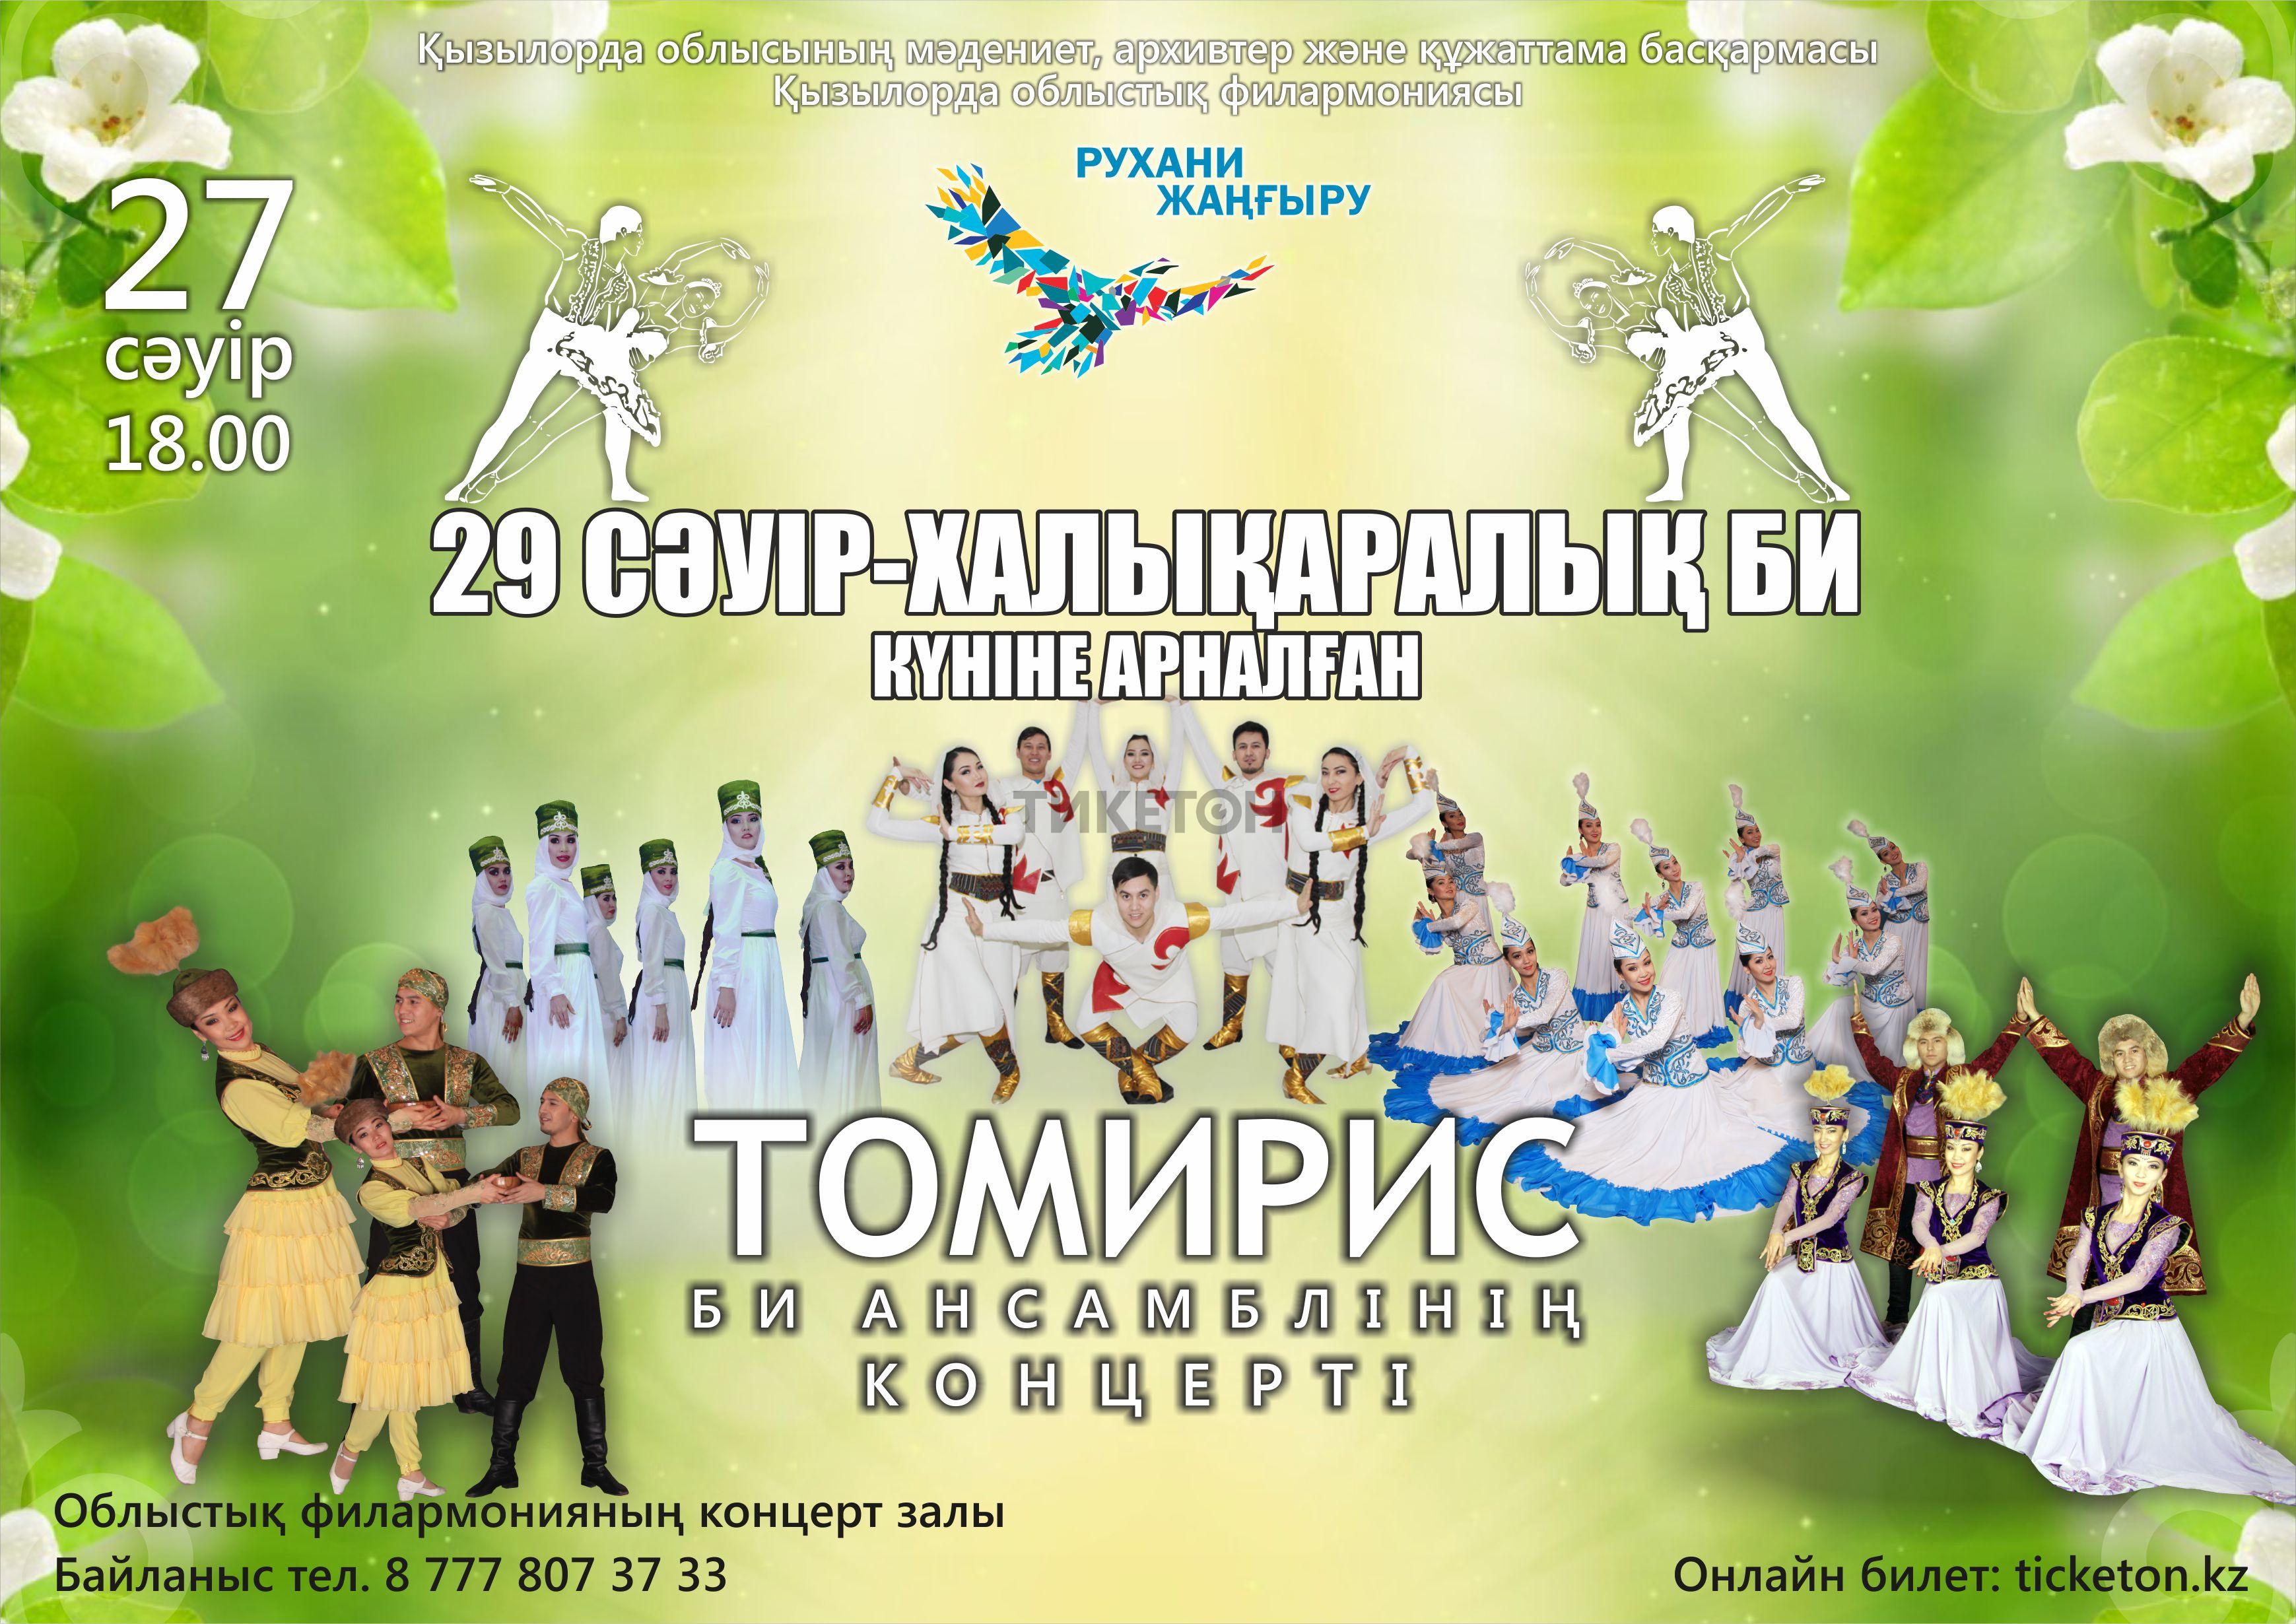 """""""Томирис"""" би ансамблінің концерті"""